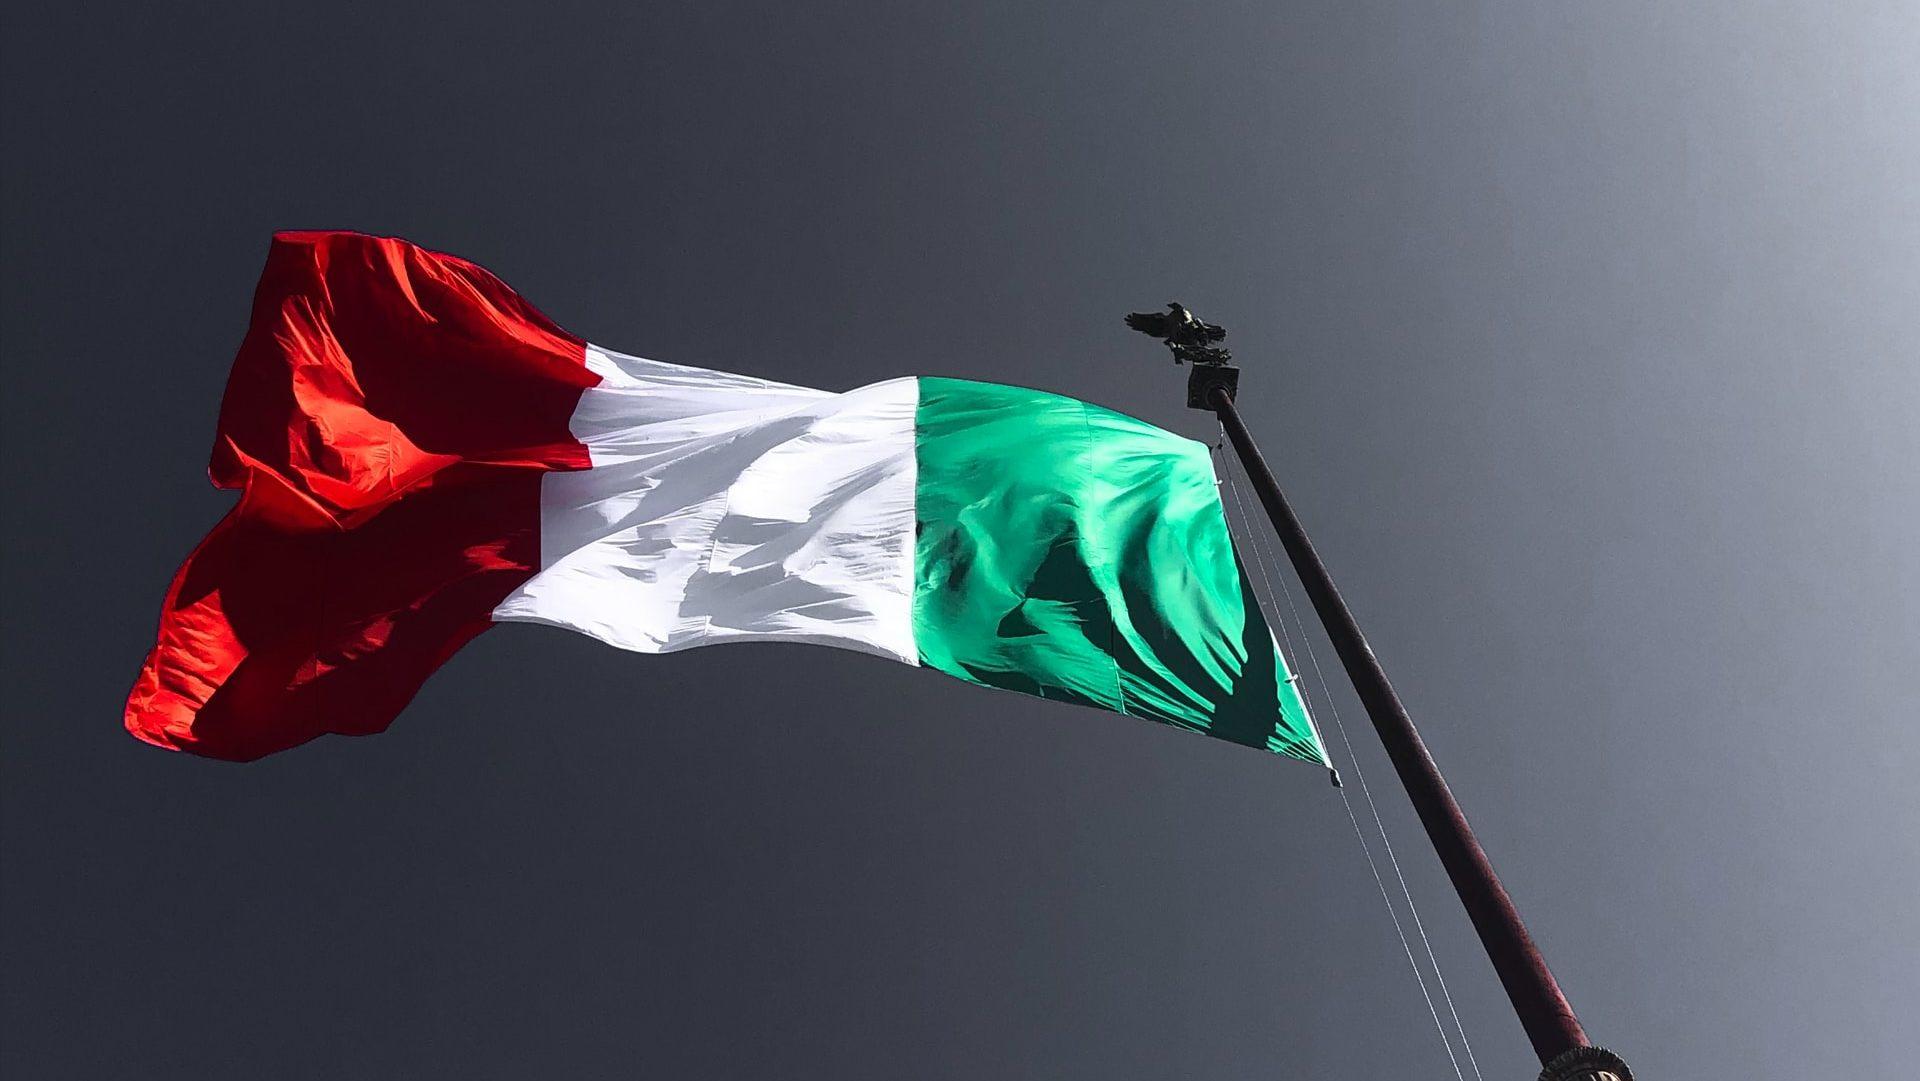 Tokyo, il CIO ha deciso: Italia senza bandiera